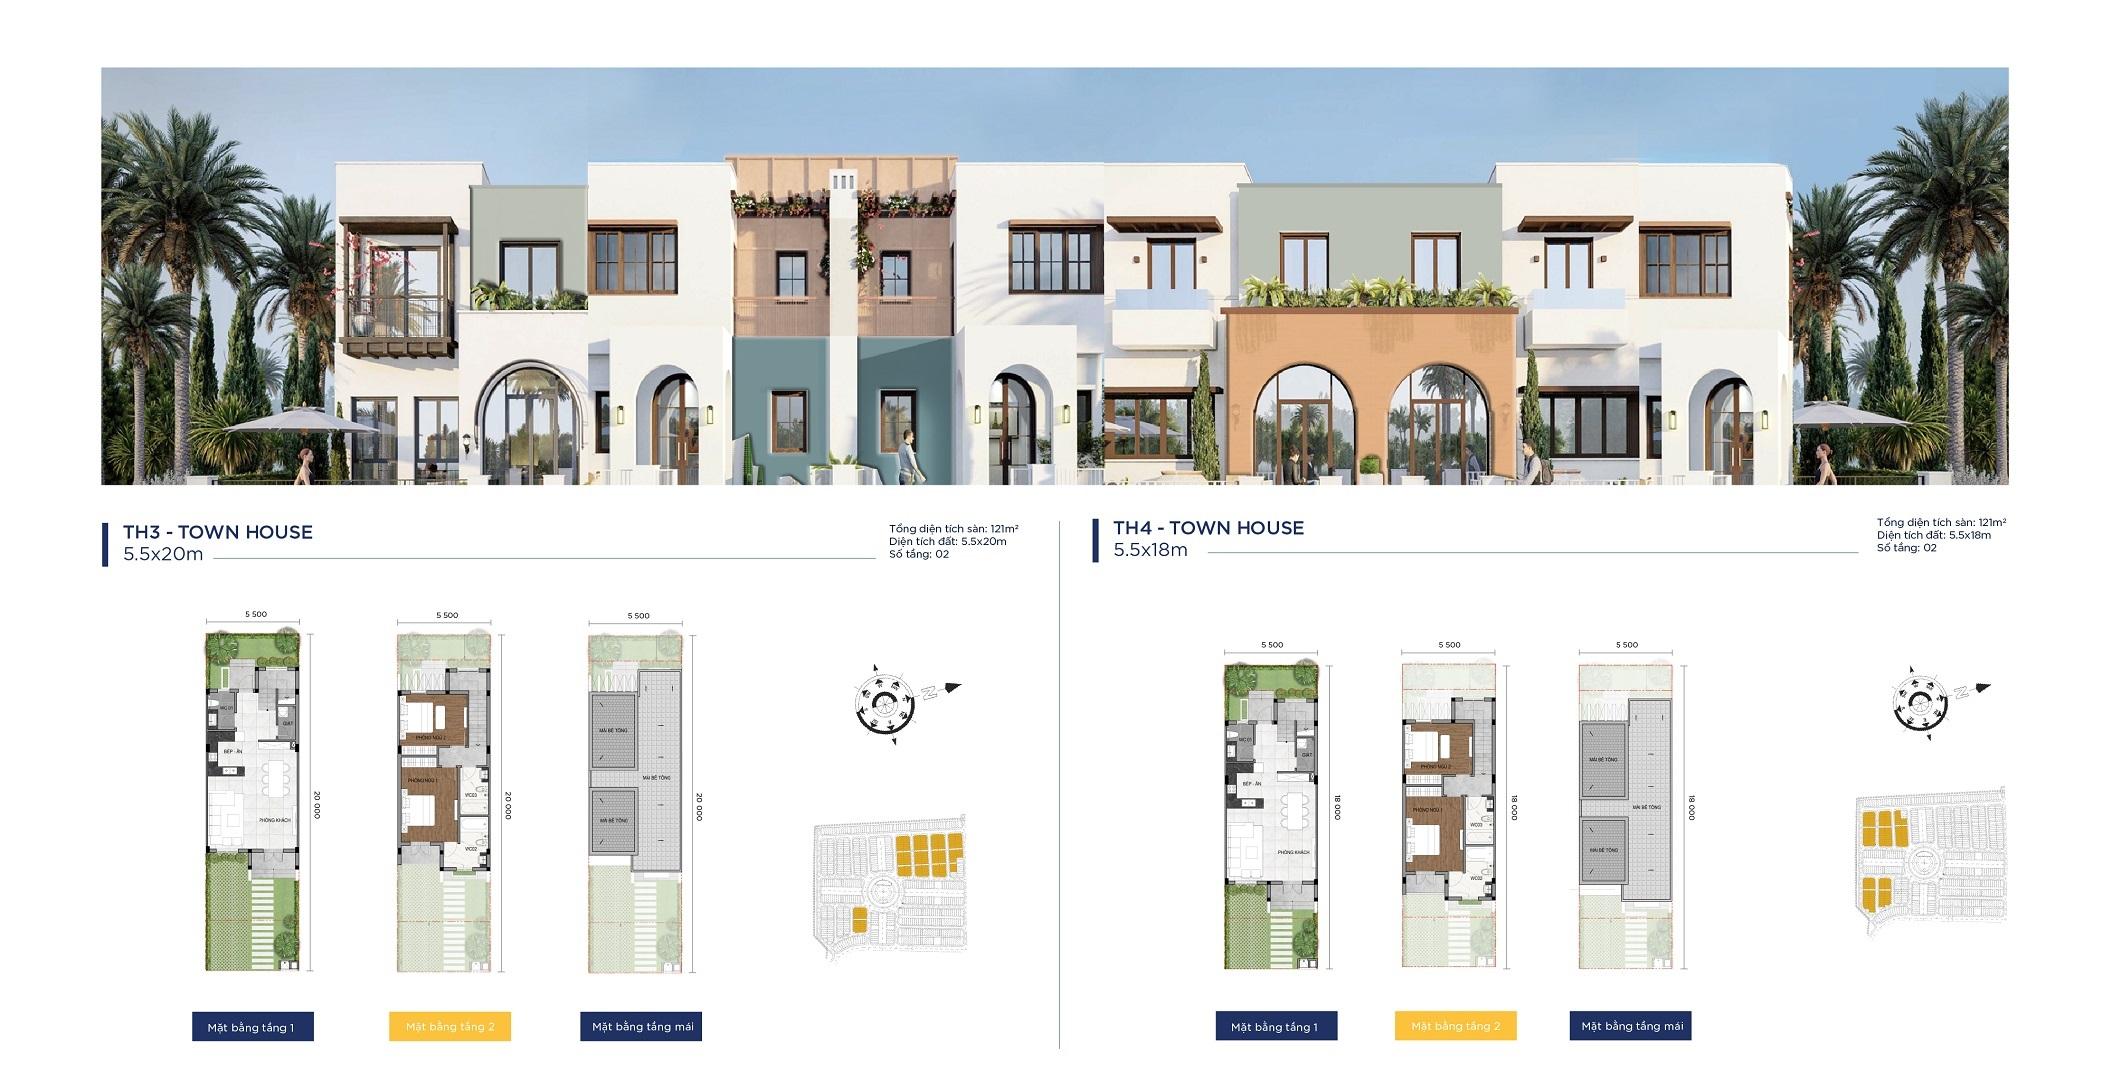 thiết kế townhouse dự án ocean residence novaworld phan thiết